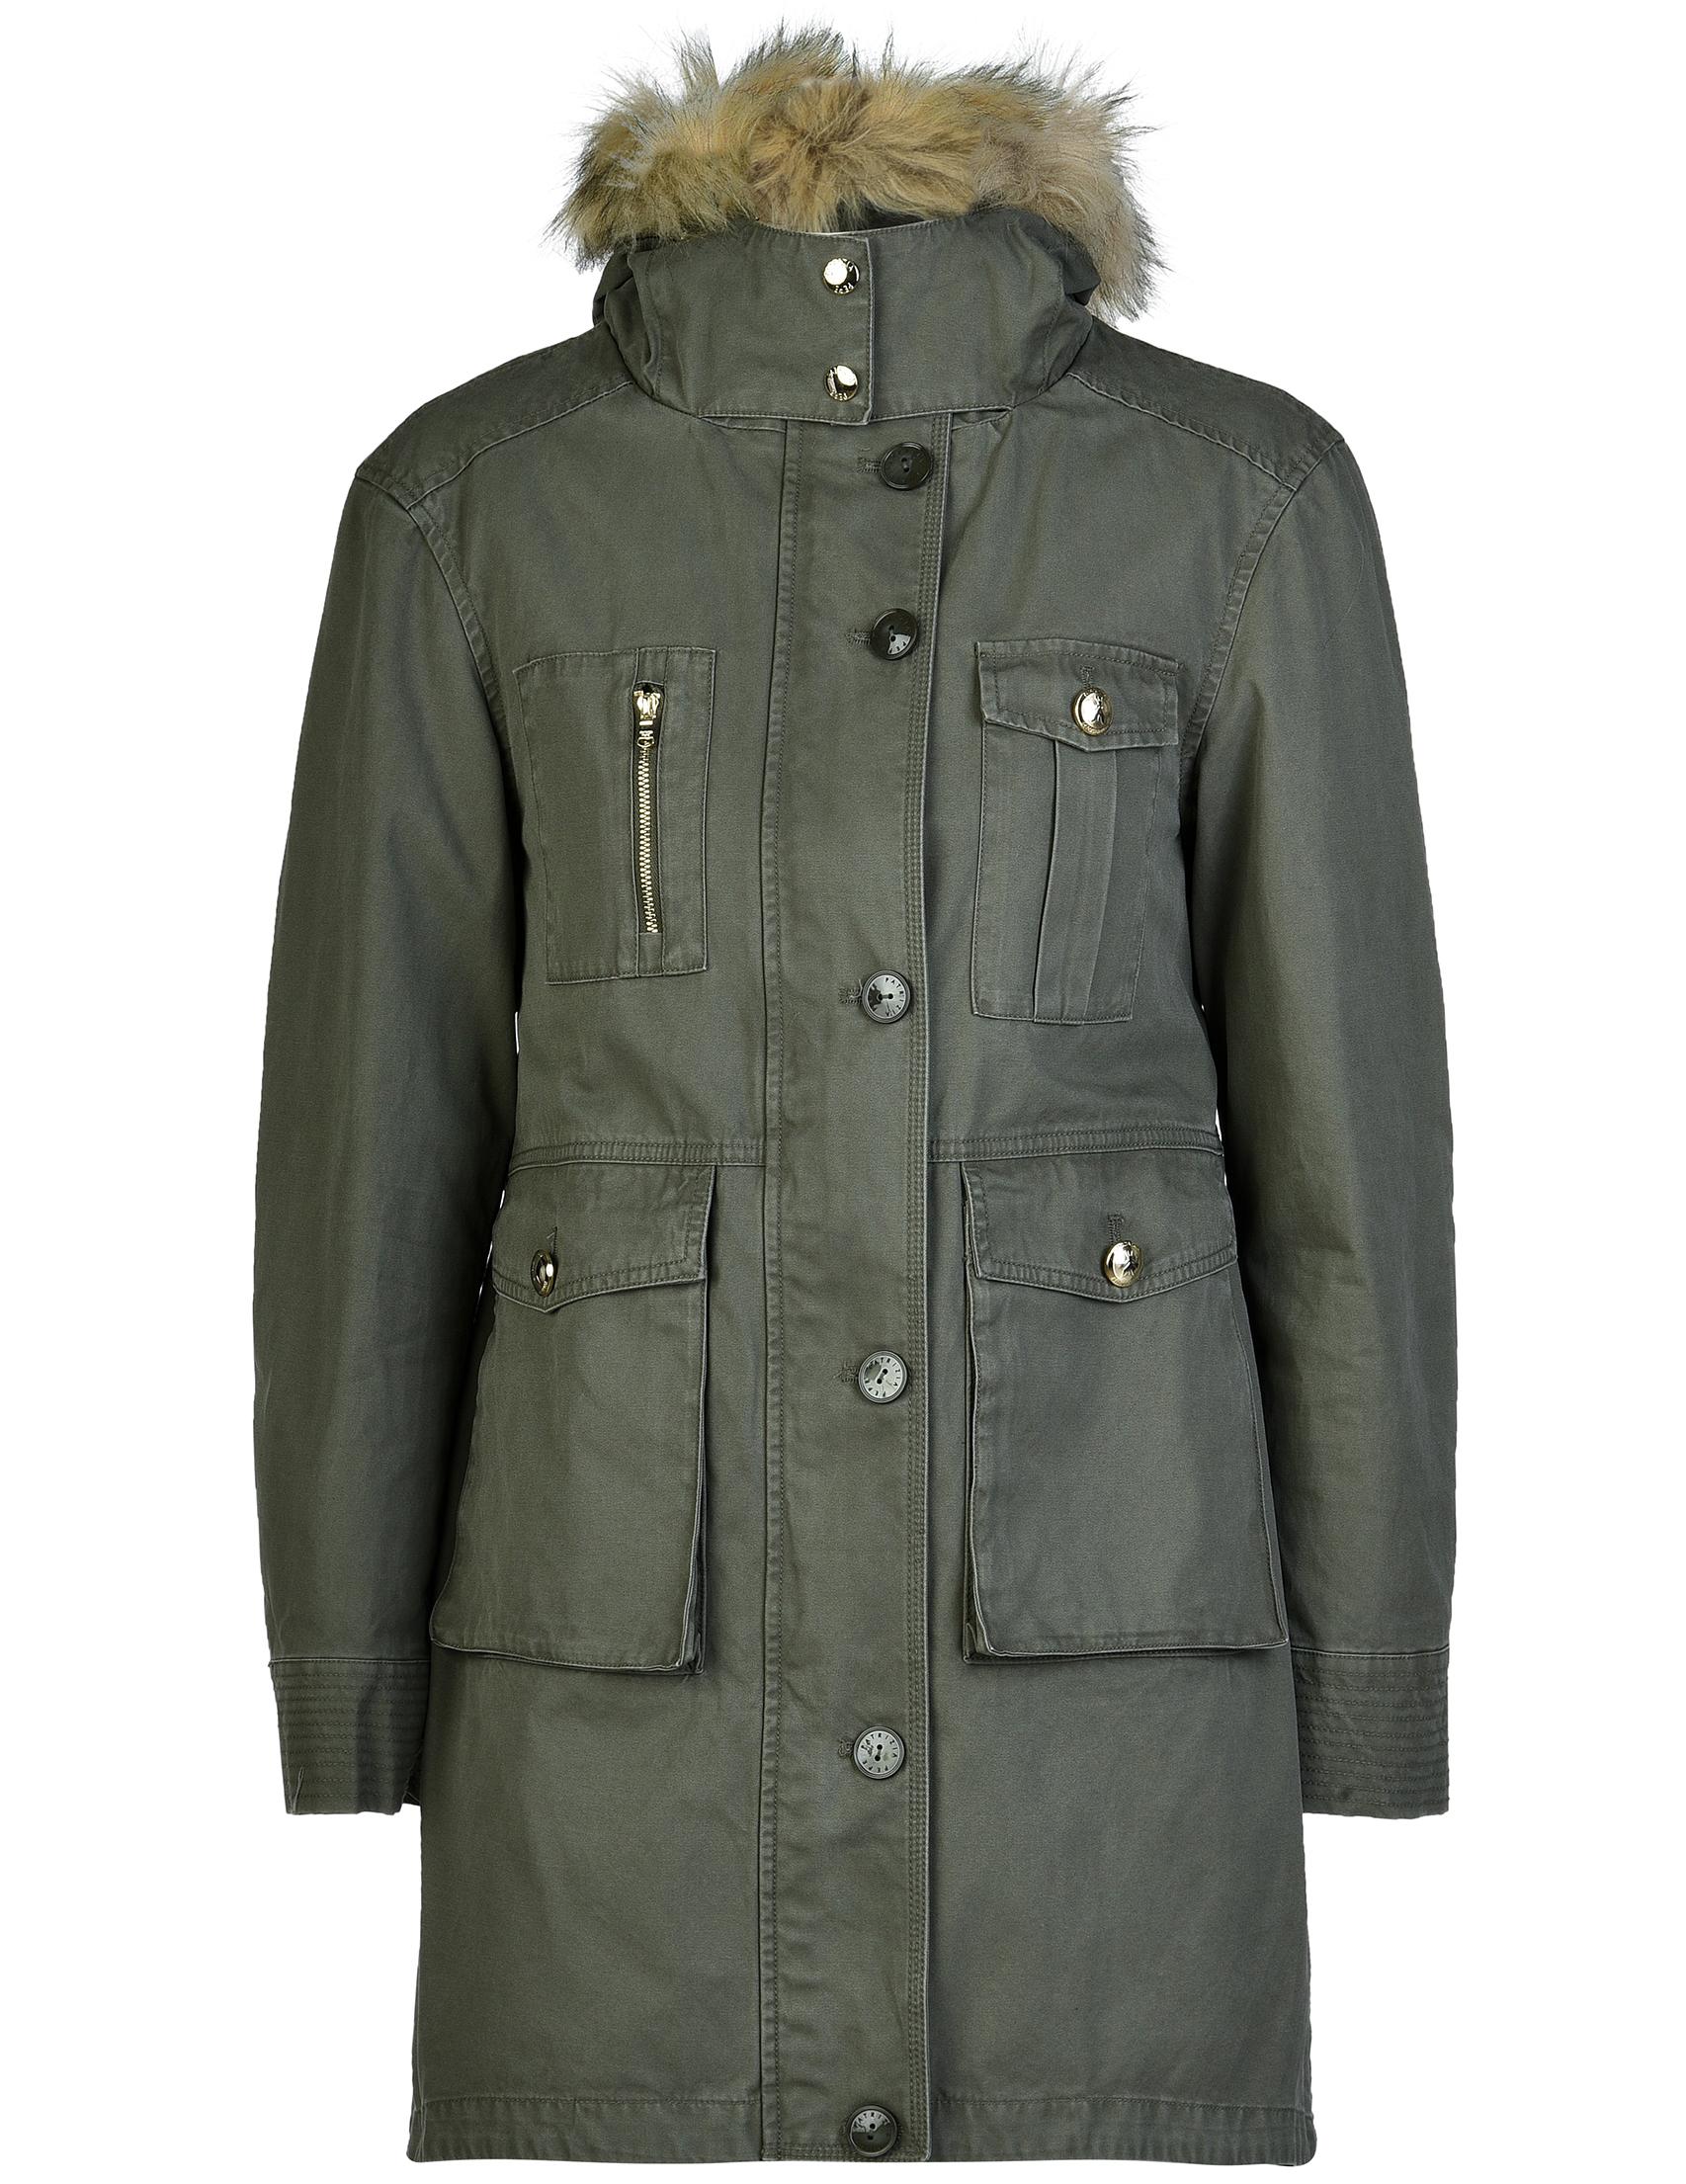 Купить Пальто, PATRIZIA PEPE, Зеленый, 100%Хлопок, Осень-Зима